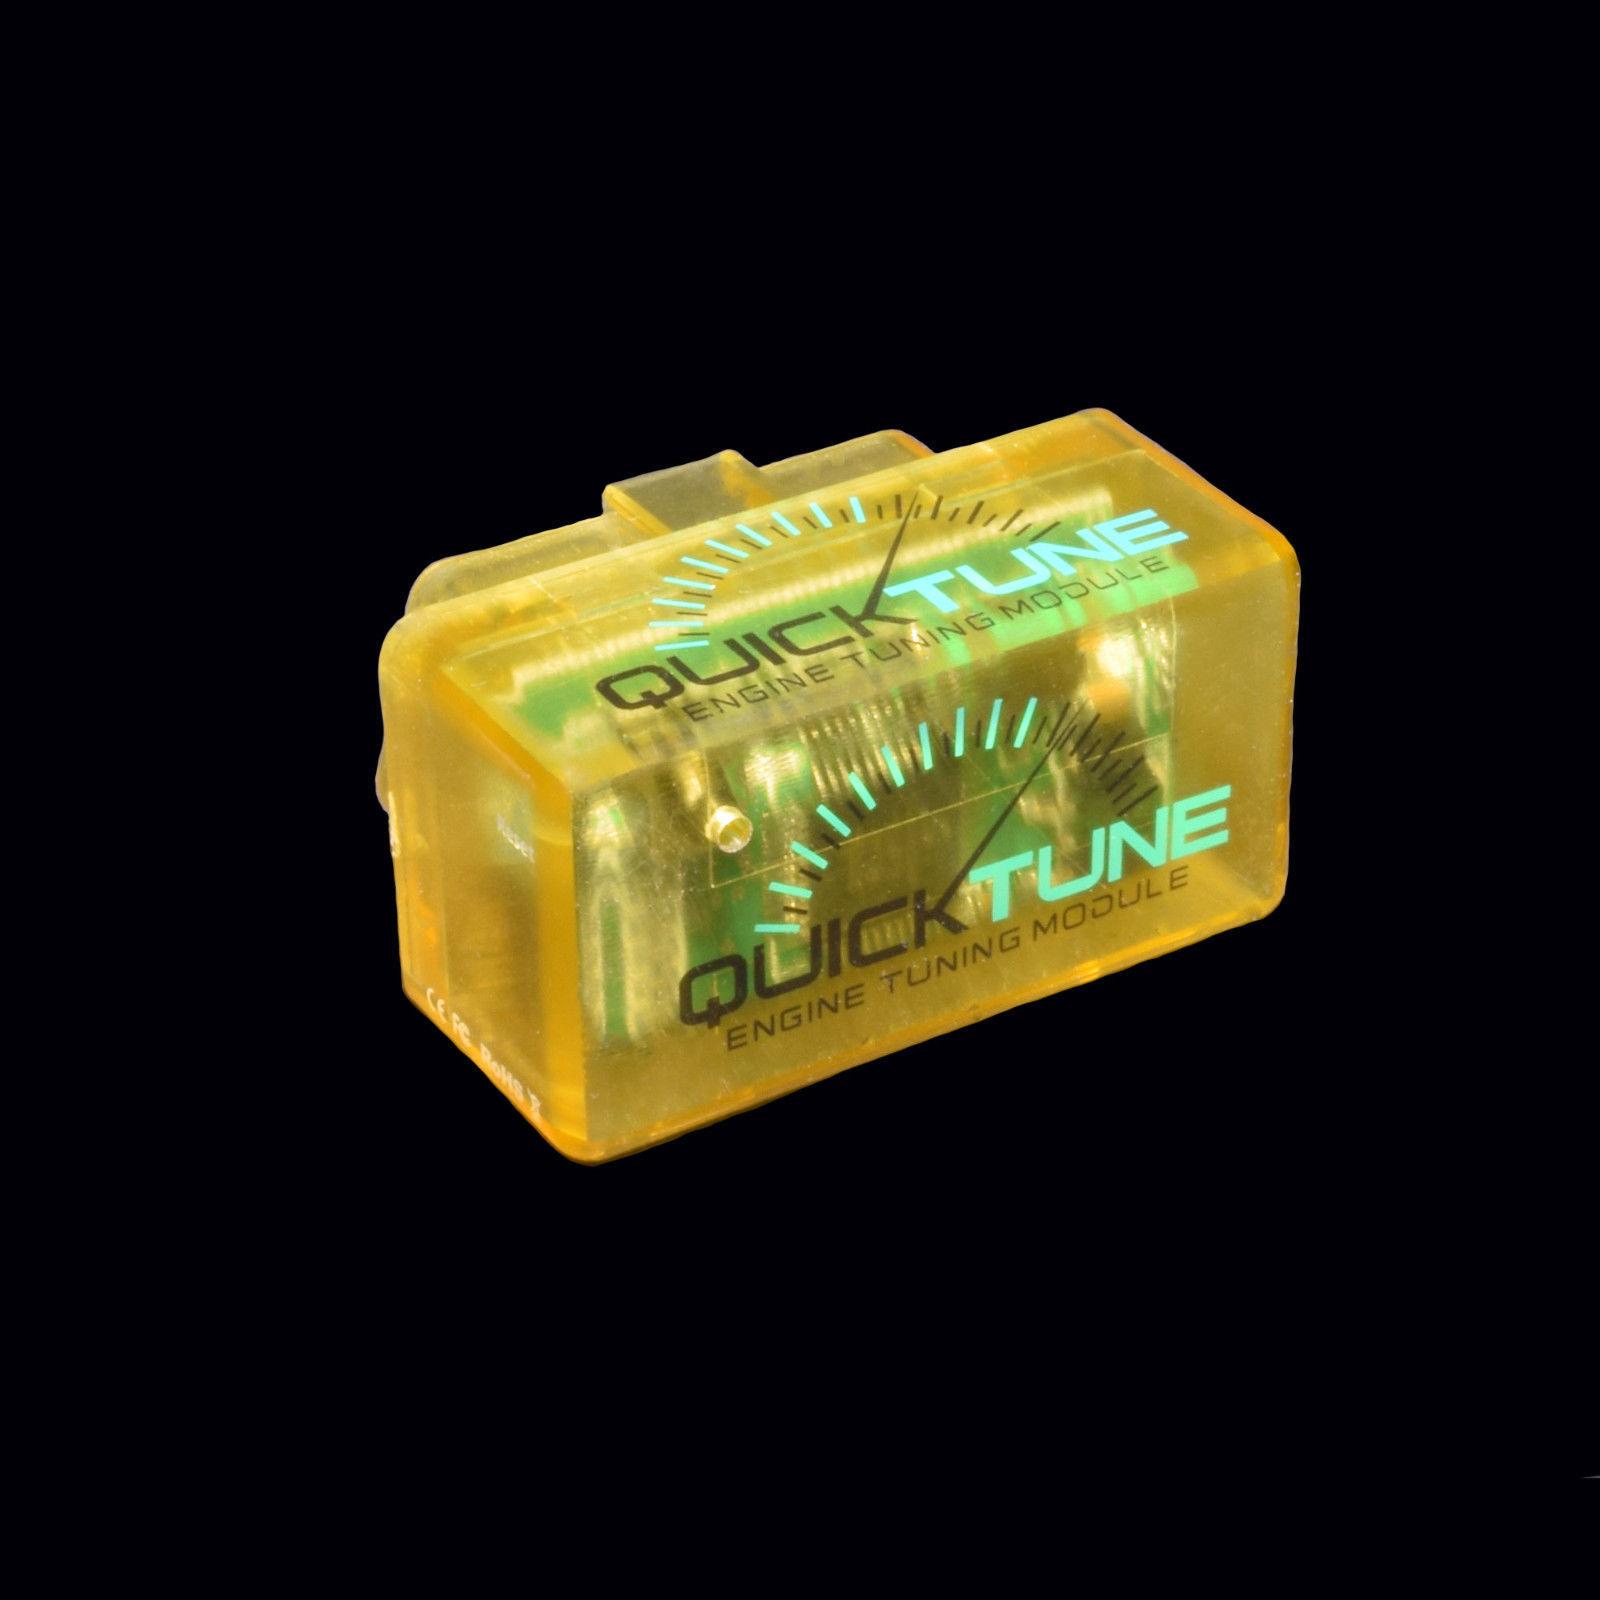 2003 GMC SIERRA 1500 4.8L GAS QUICKTUNE PERFORMANCE /& ECONOMY PROGRAMMER CHIP